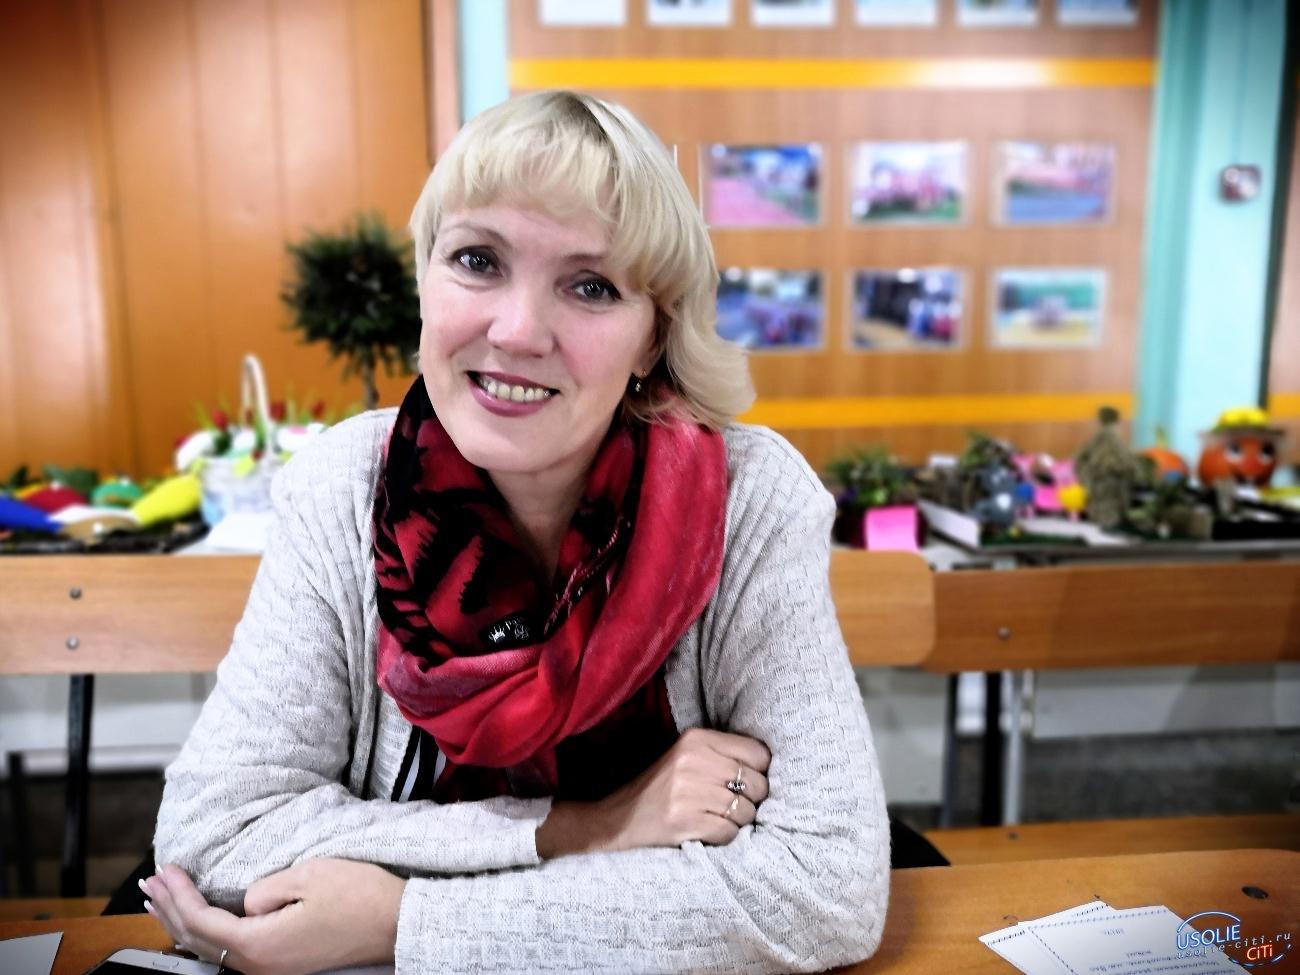 Елена Воронина, начальник управления соцзащиты отмечает день рождения